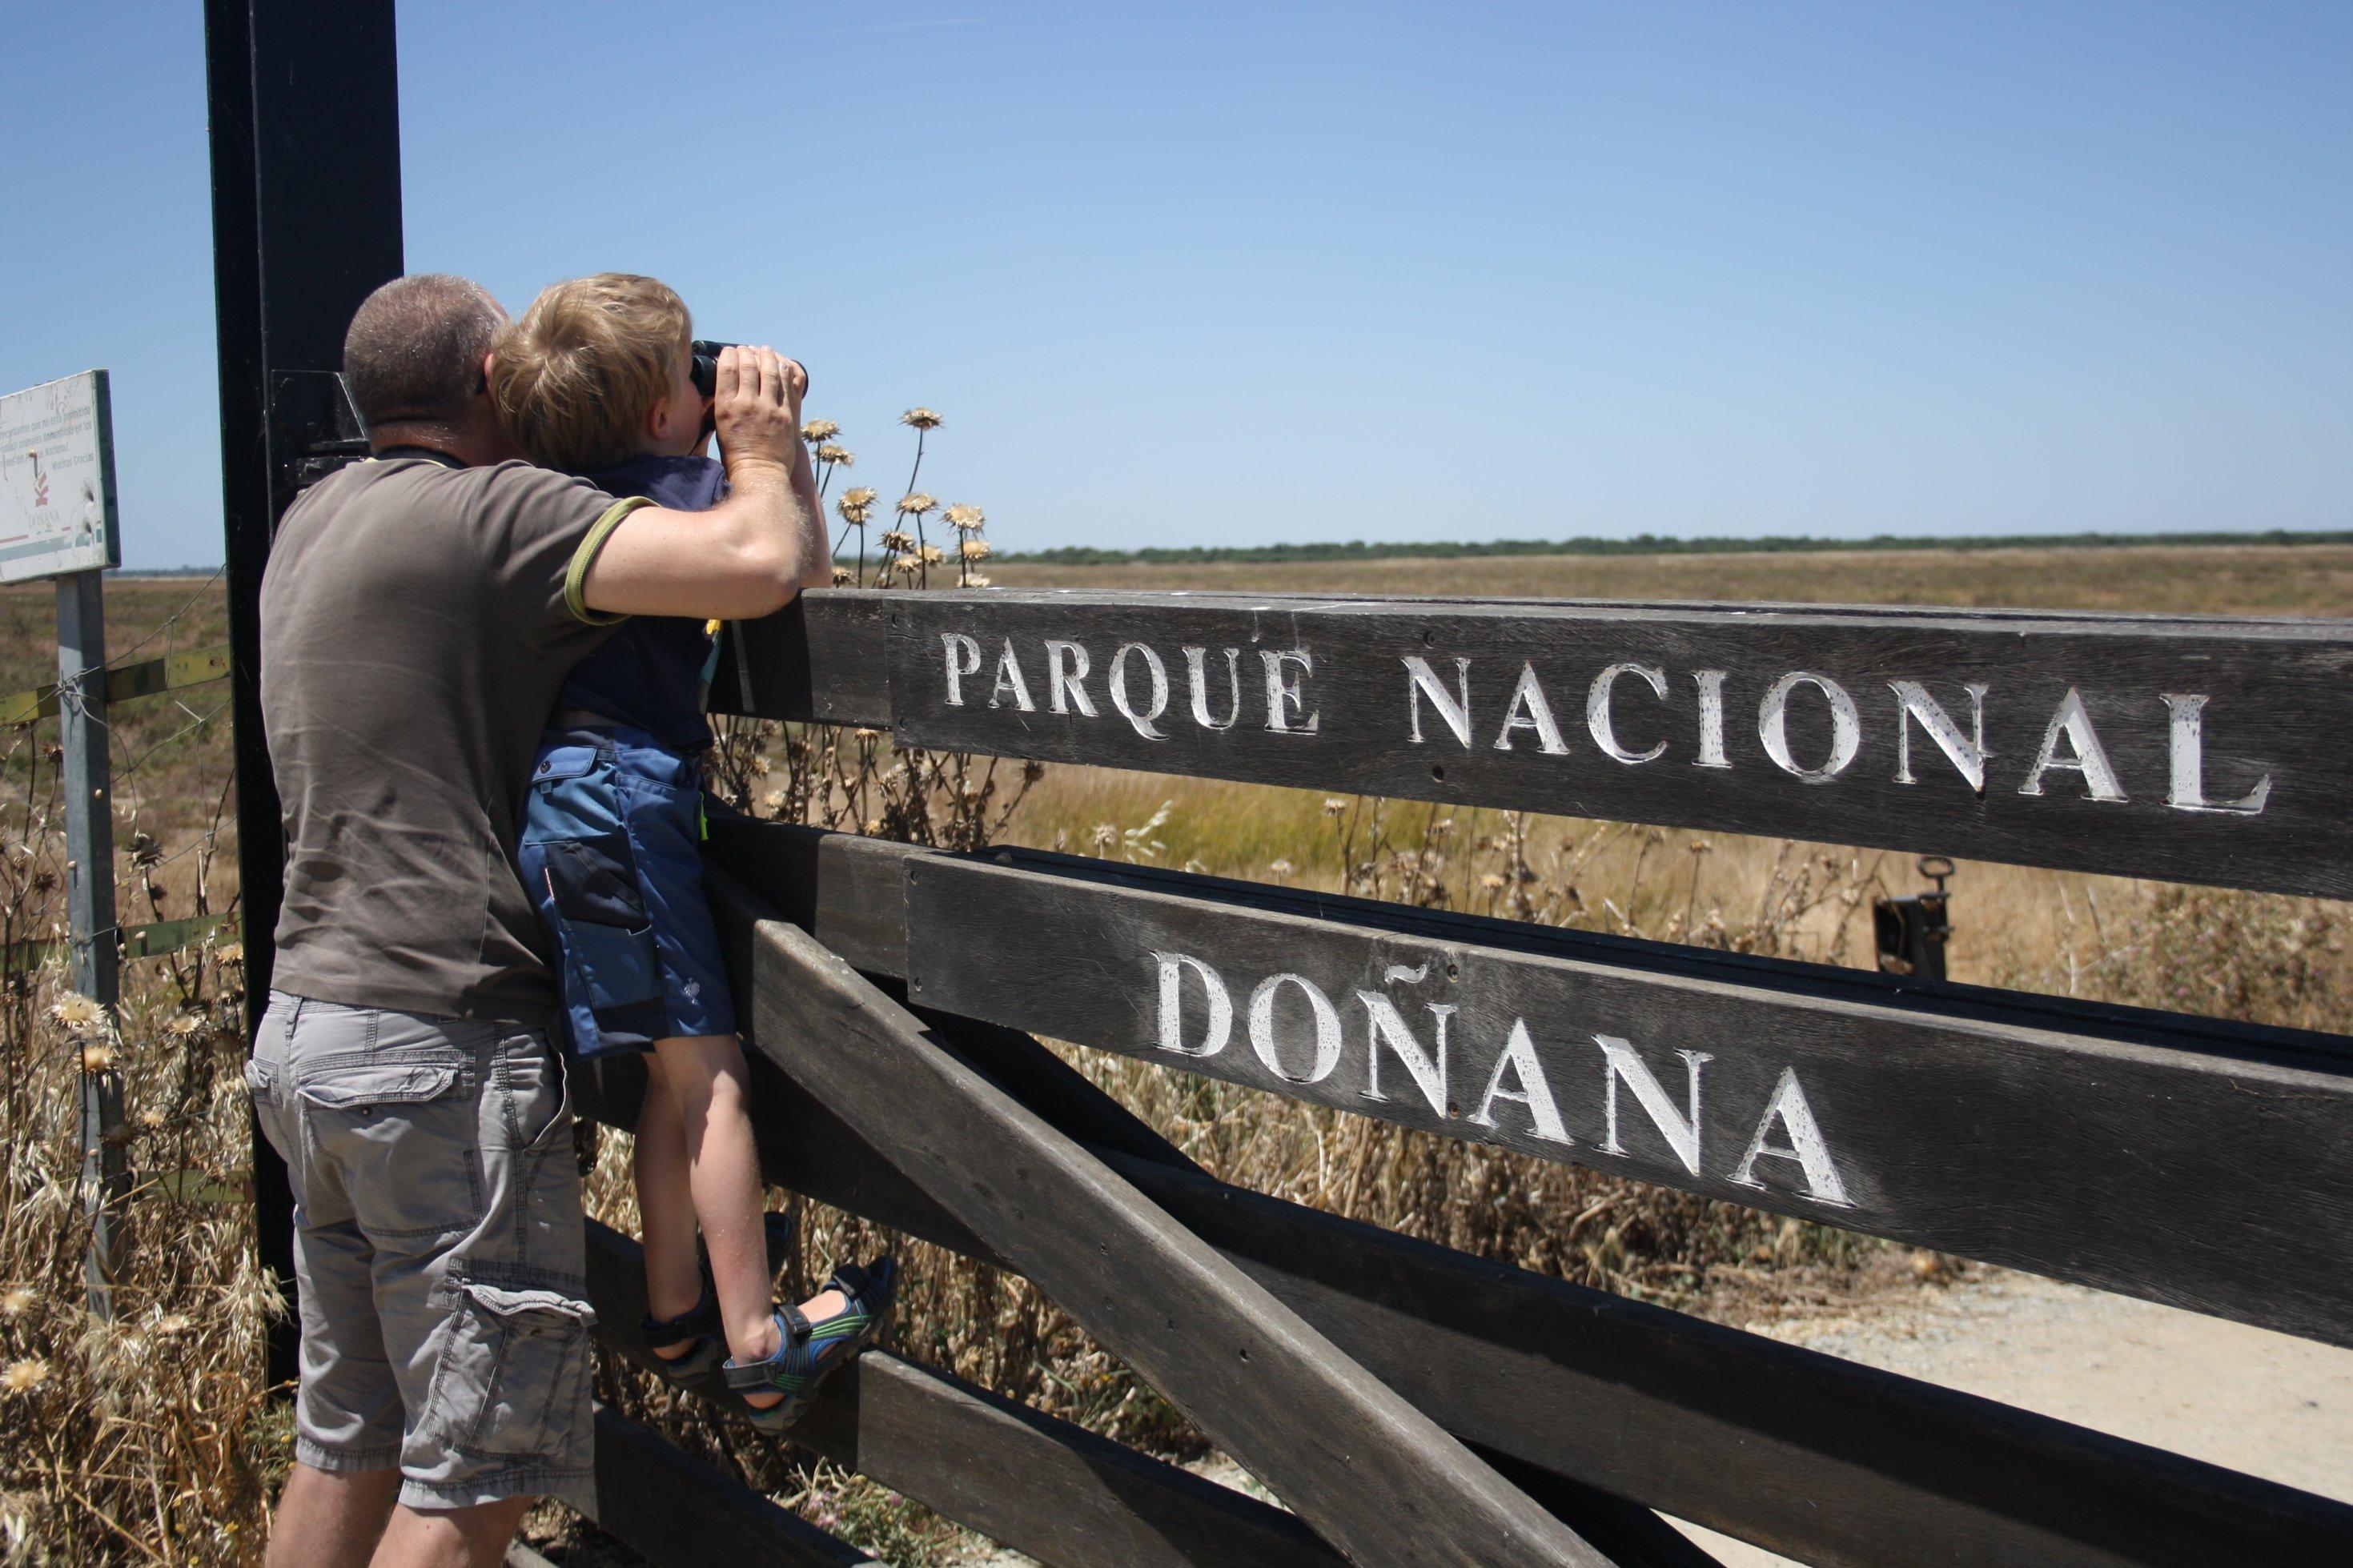 Ein Mann und ein Junge schauen mit dem Fernglas über einen Holzzaun, auf dem Parque Nacional Doñana steht.